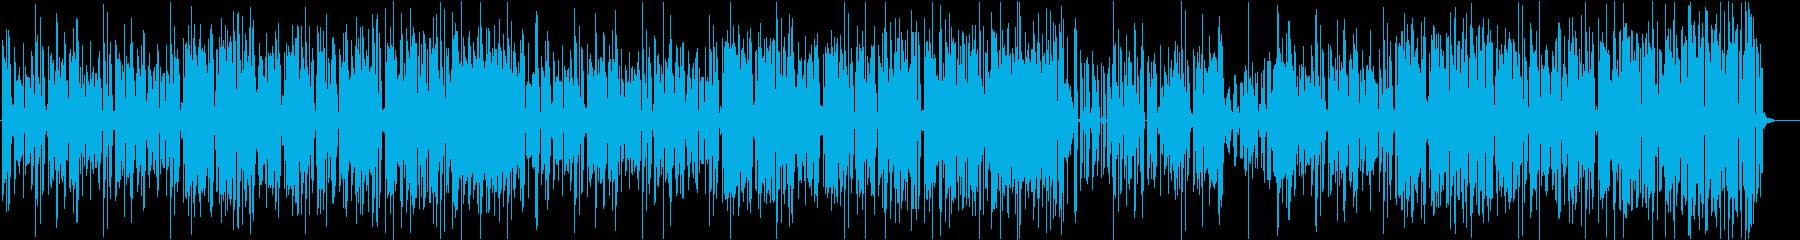 ノリの良いジャンプアップの再生済みの波形